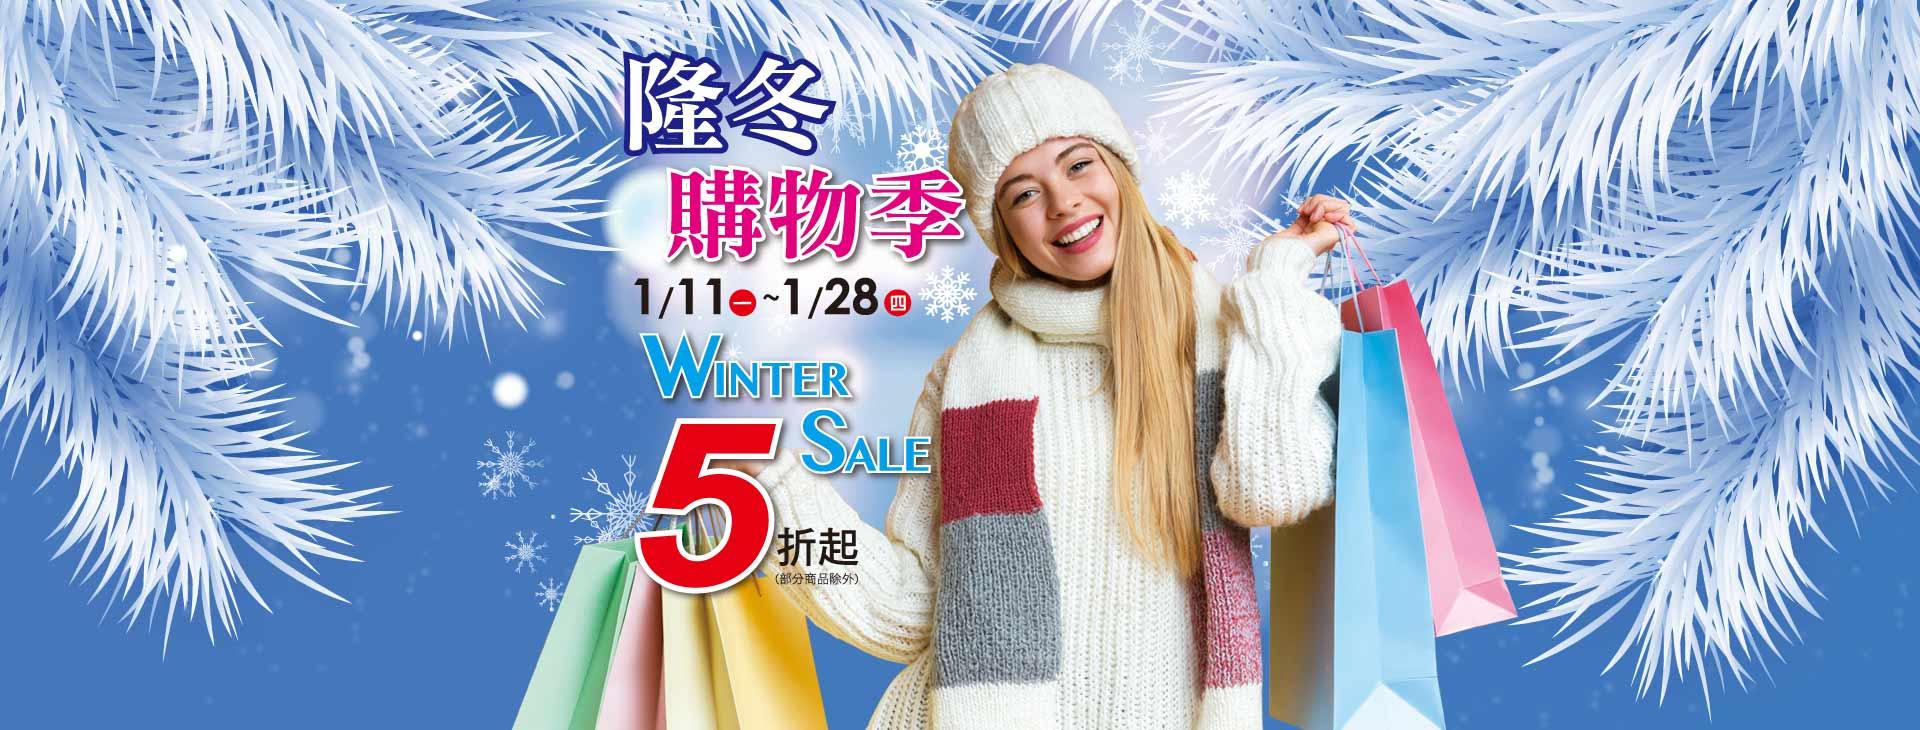 隆冬購物季Winter Sale 5折起